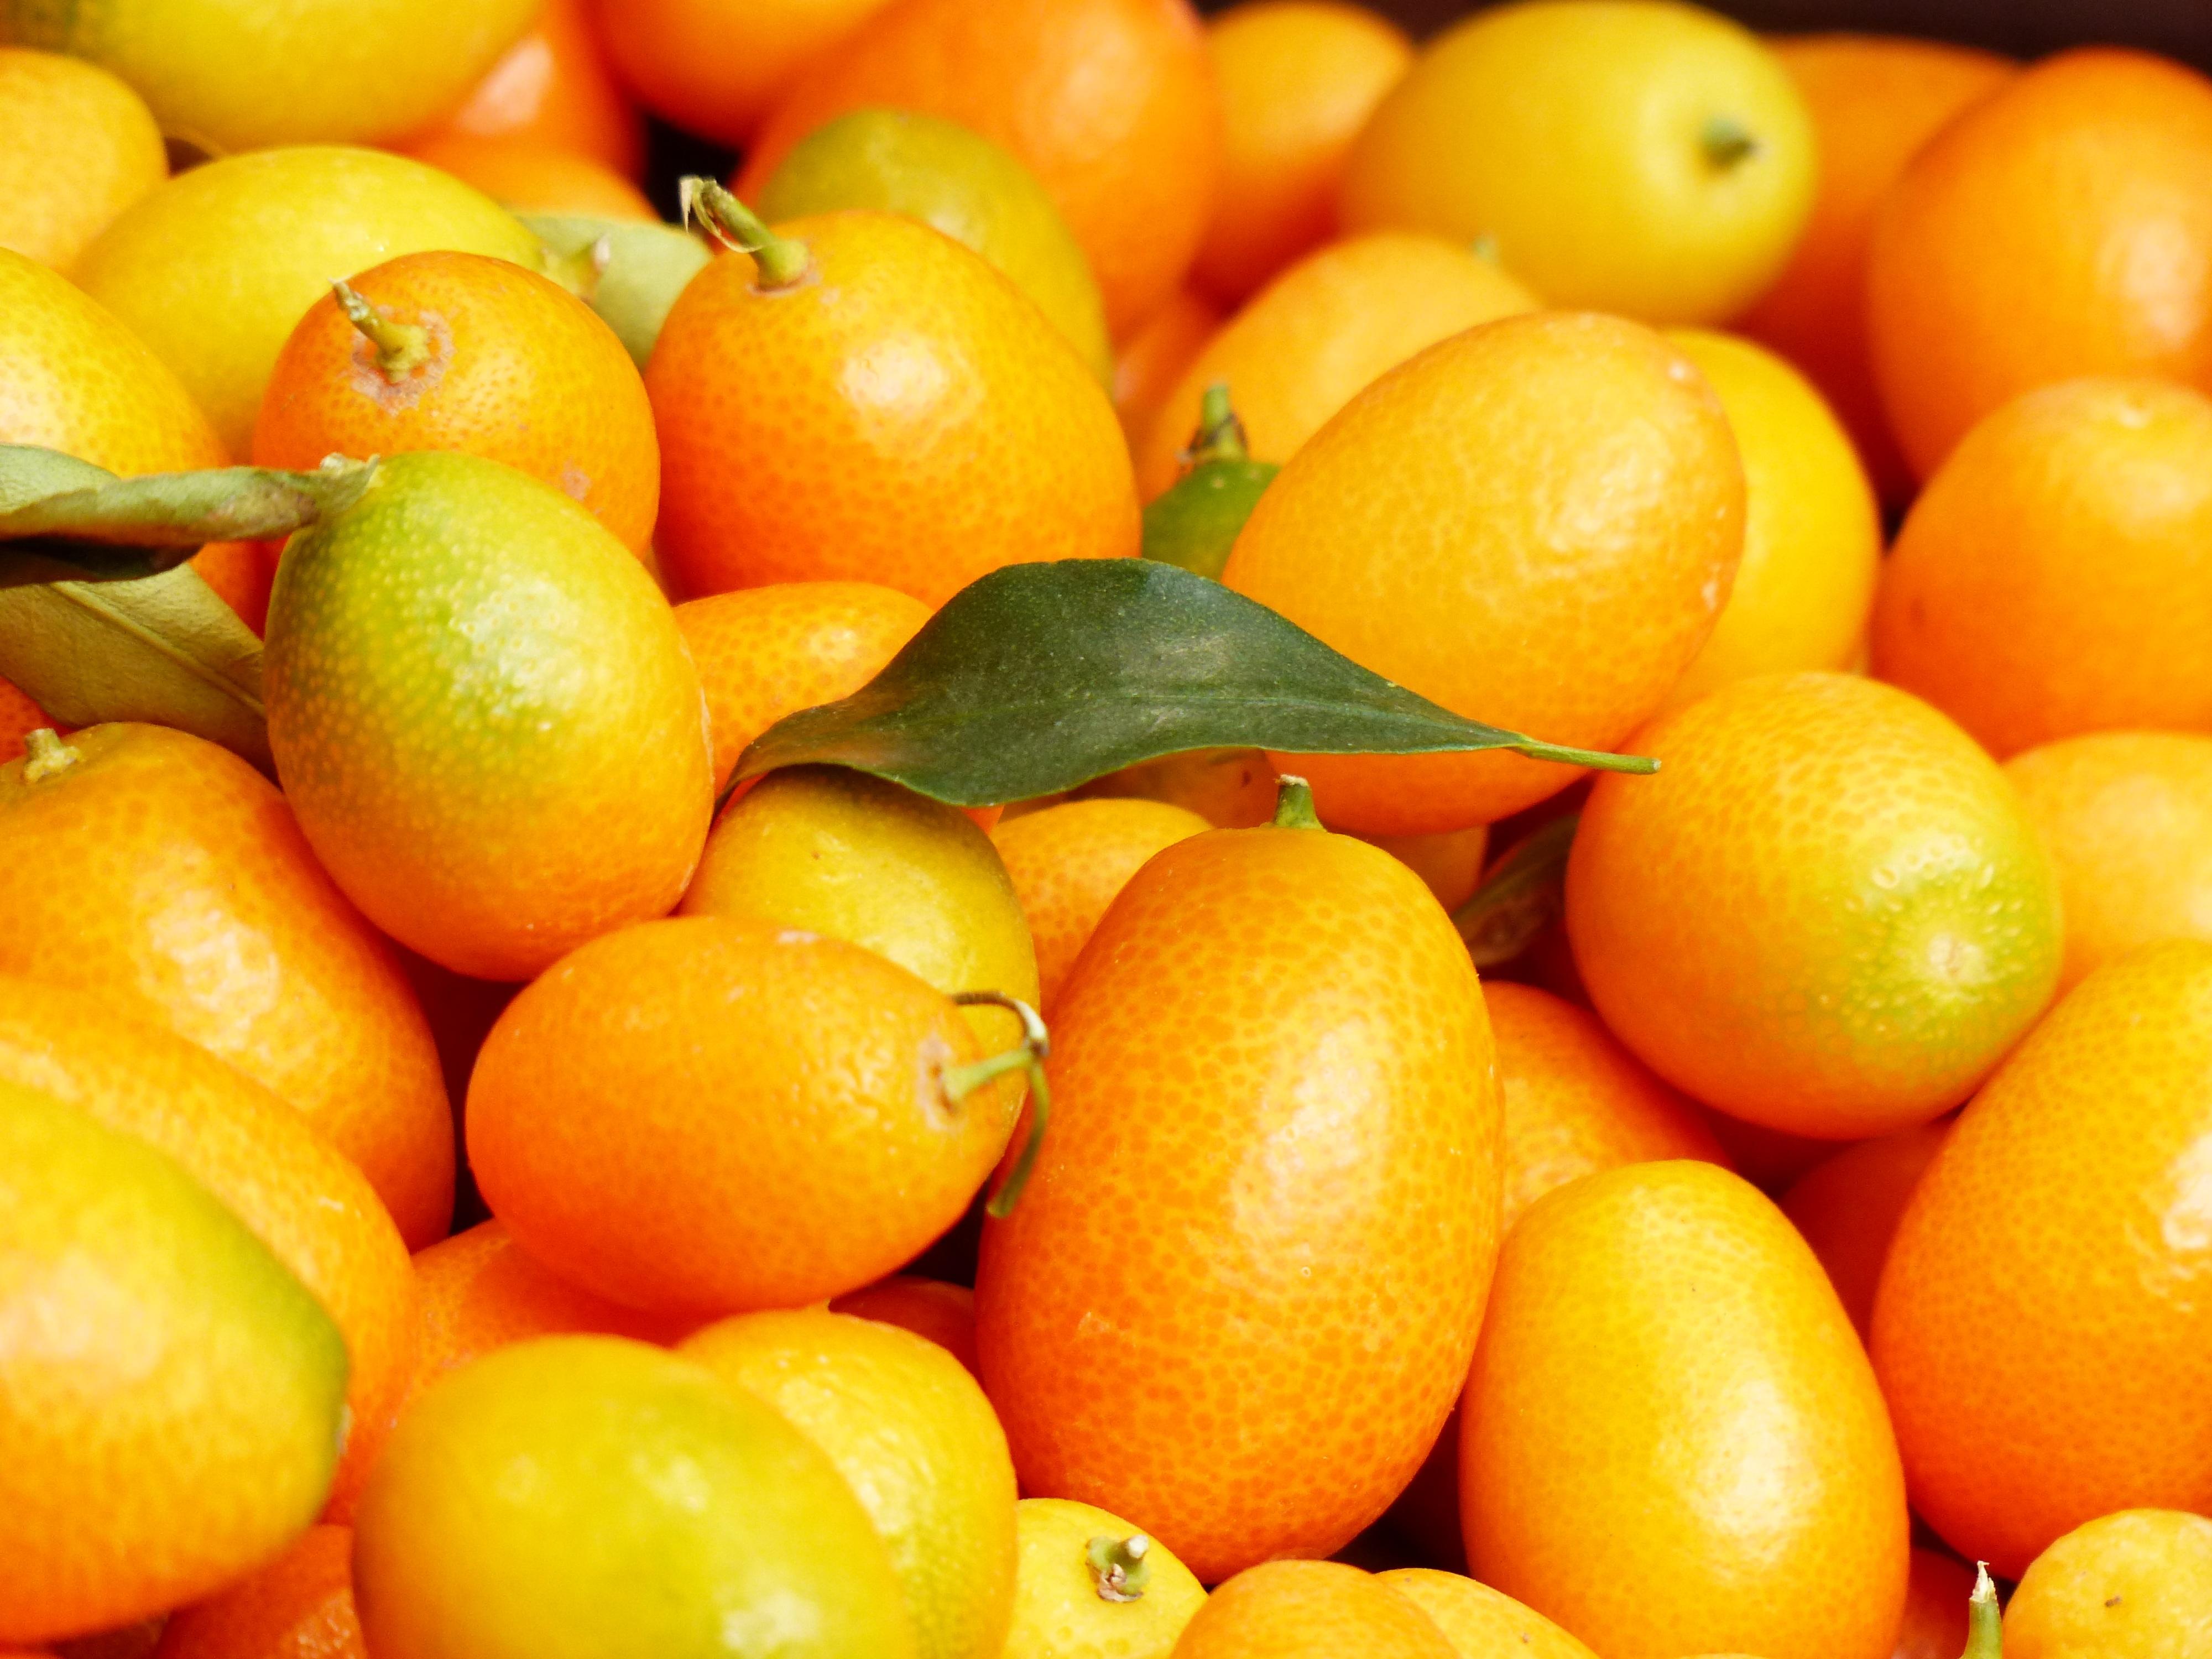 kostenlose foto frucht lebensmittel produzieren fr chte mandarine kumquat clementine. Black Bedroom Furniture Sets. Home Design Ideas